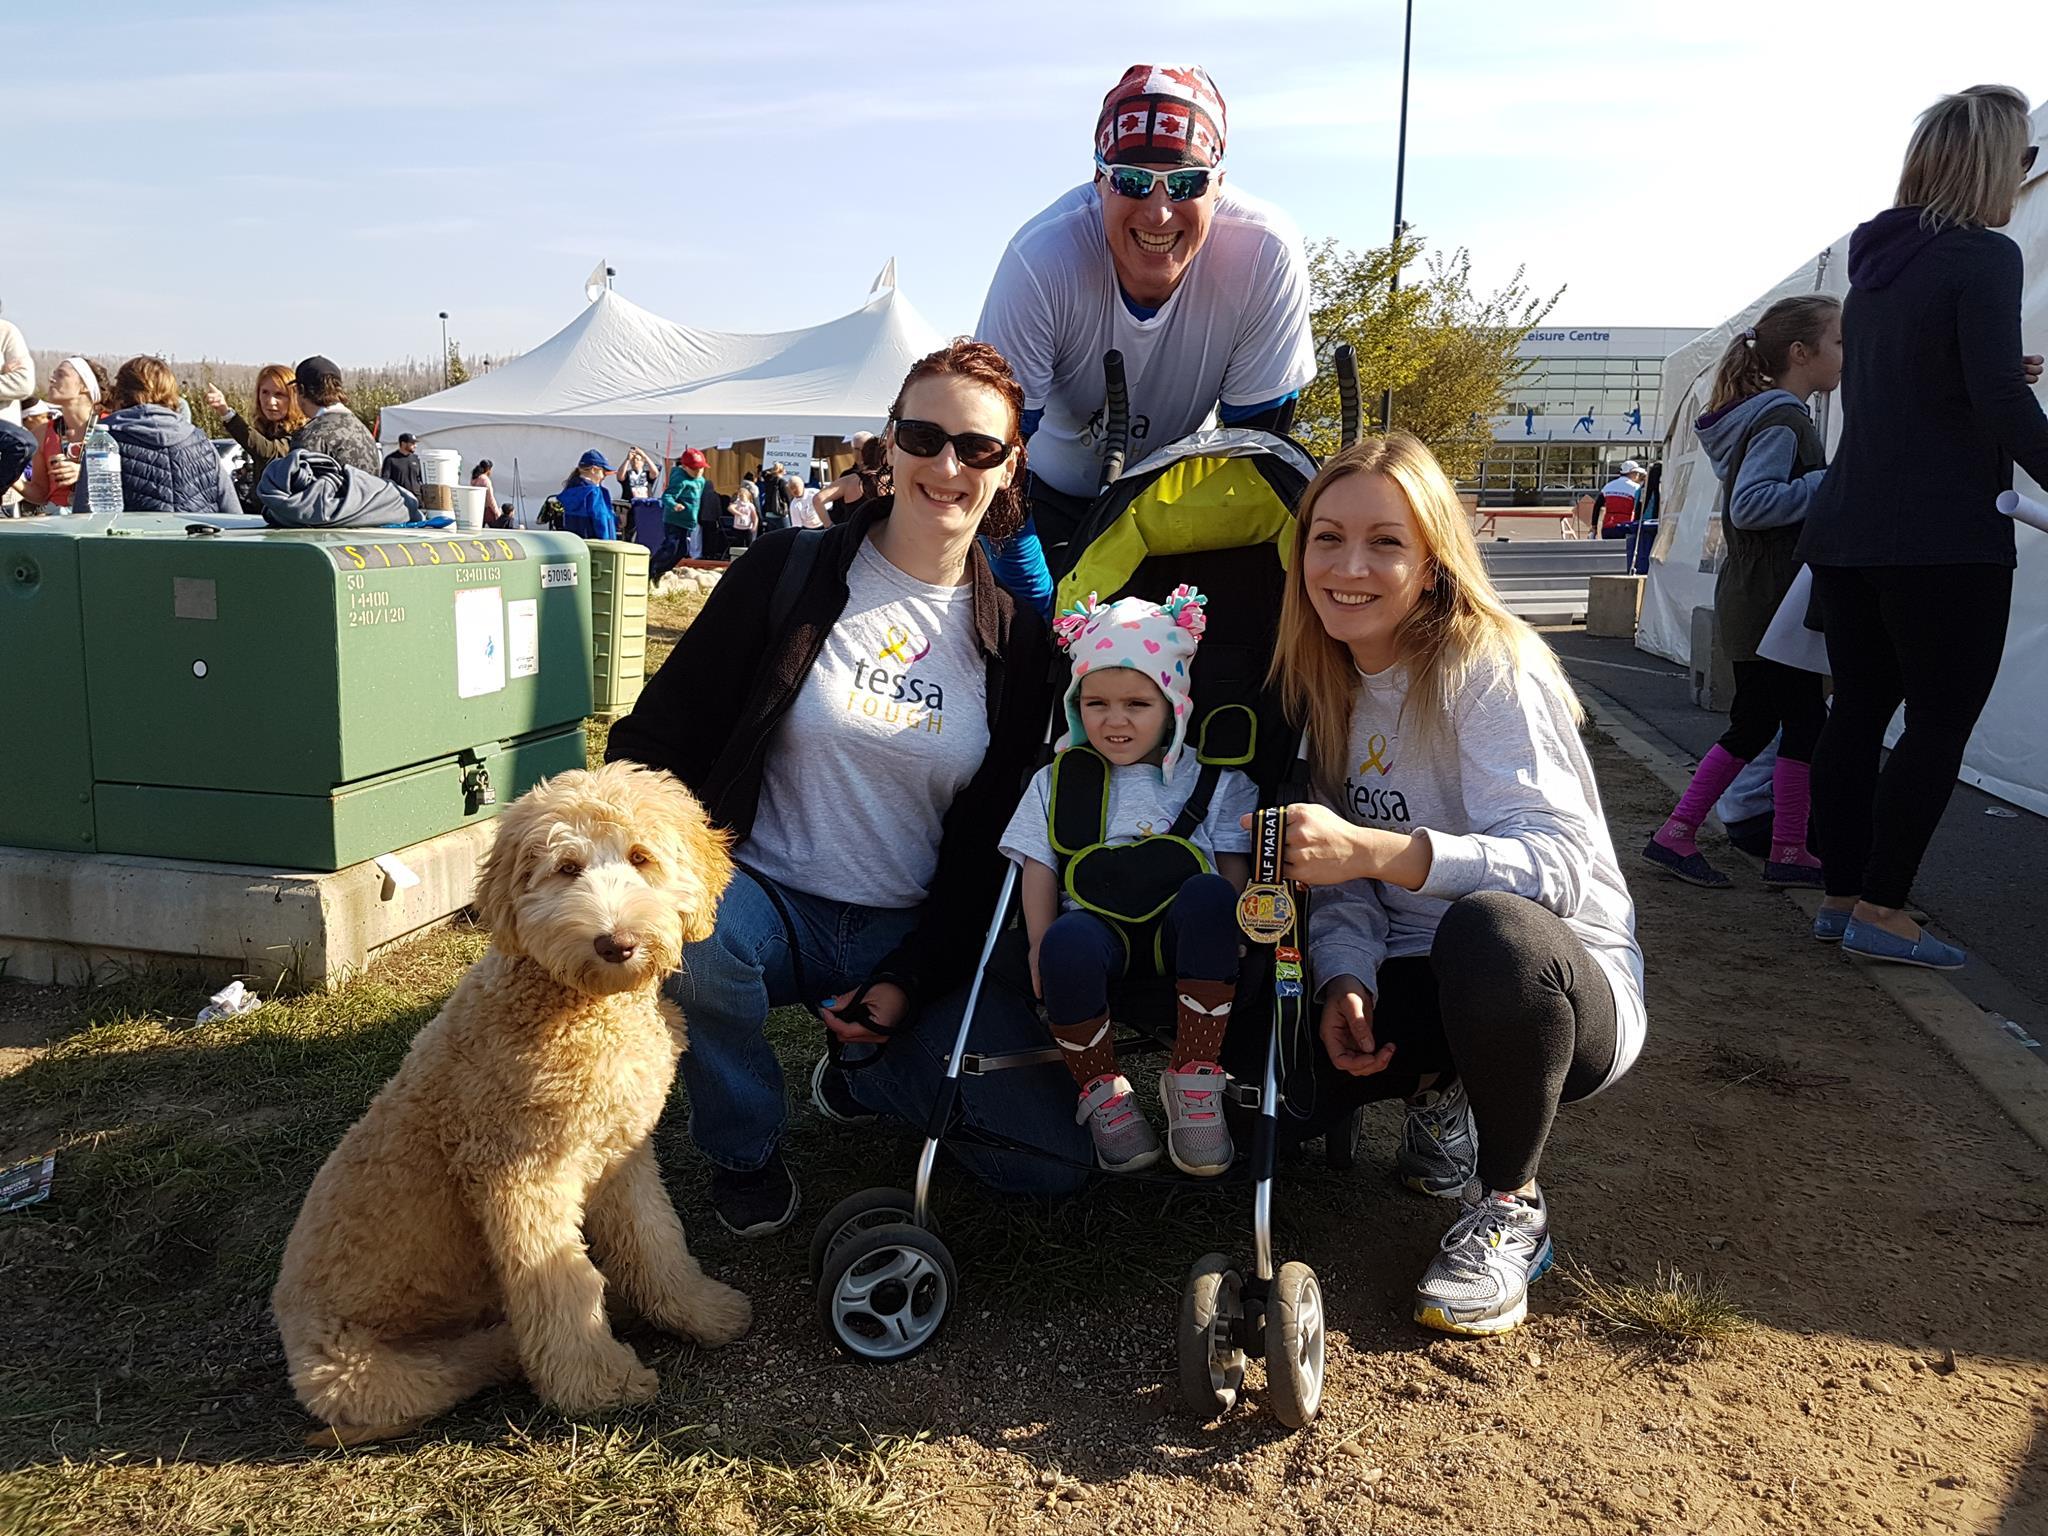 Fort McMurrayite Running Boston Marathon Raising Awareness Of Rare Disorders